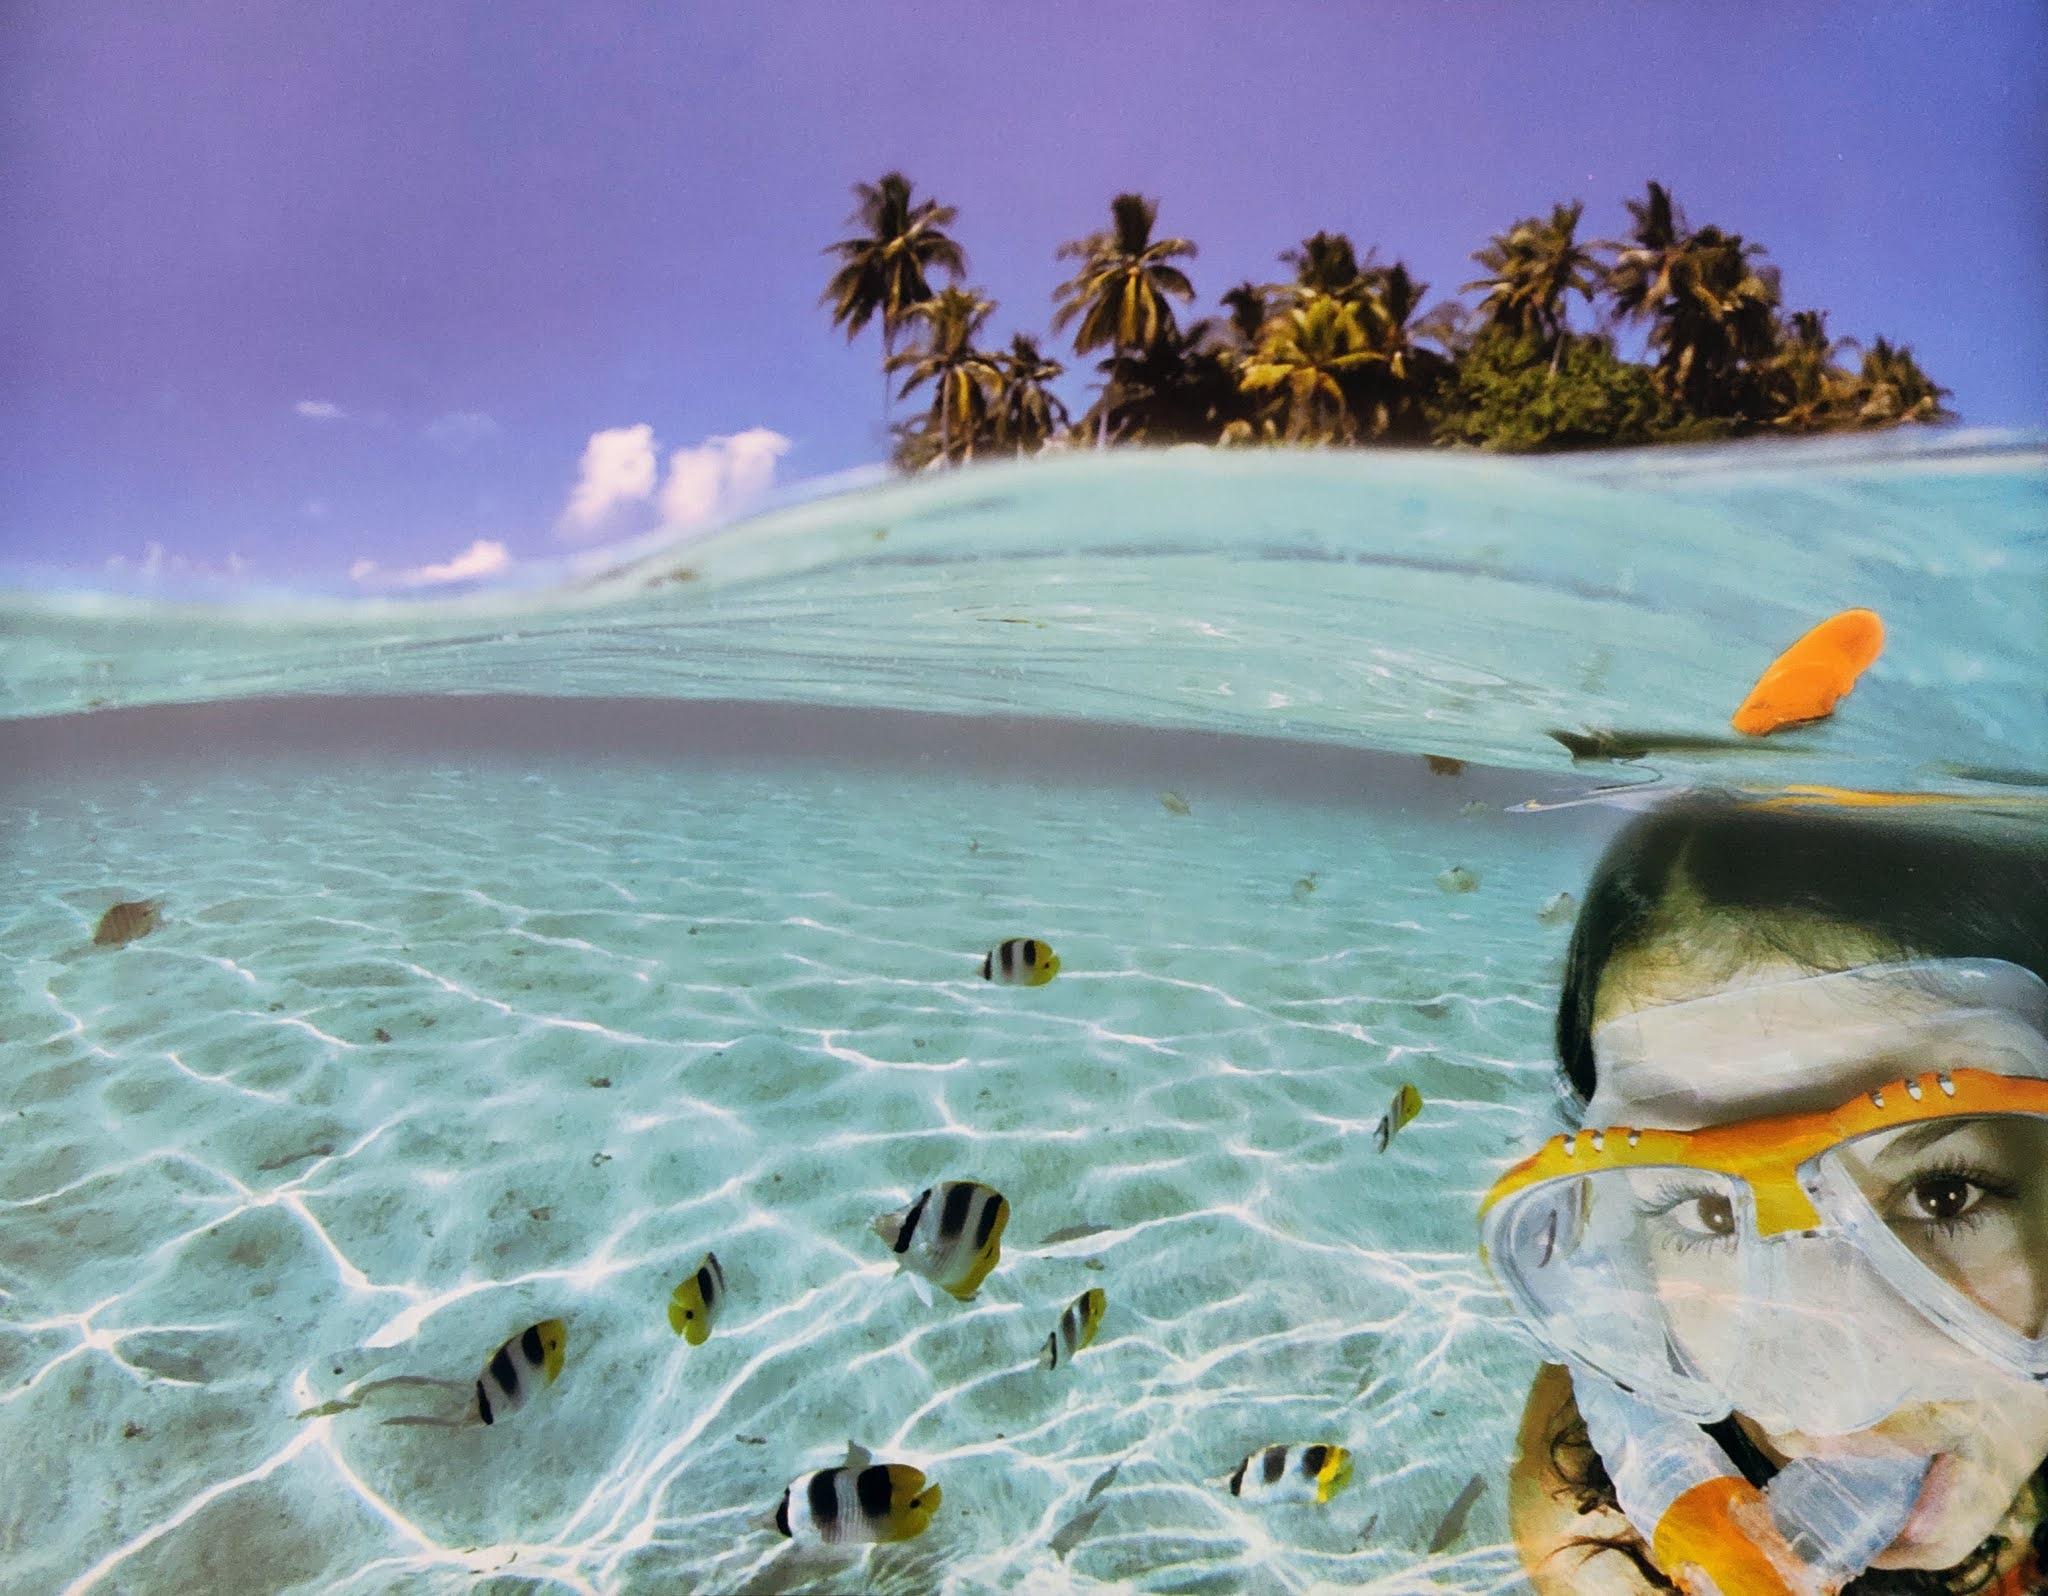 Image contain a sea beach